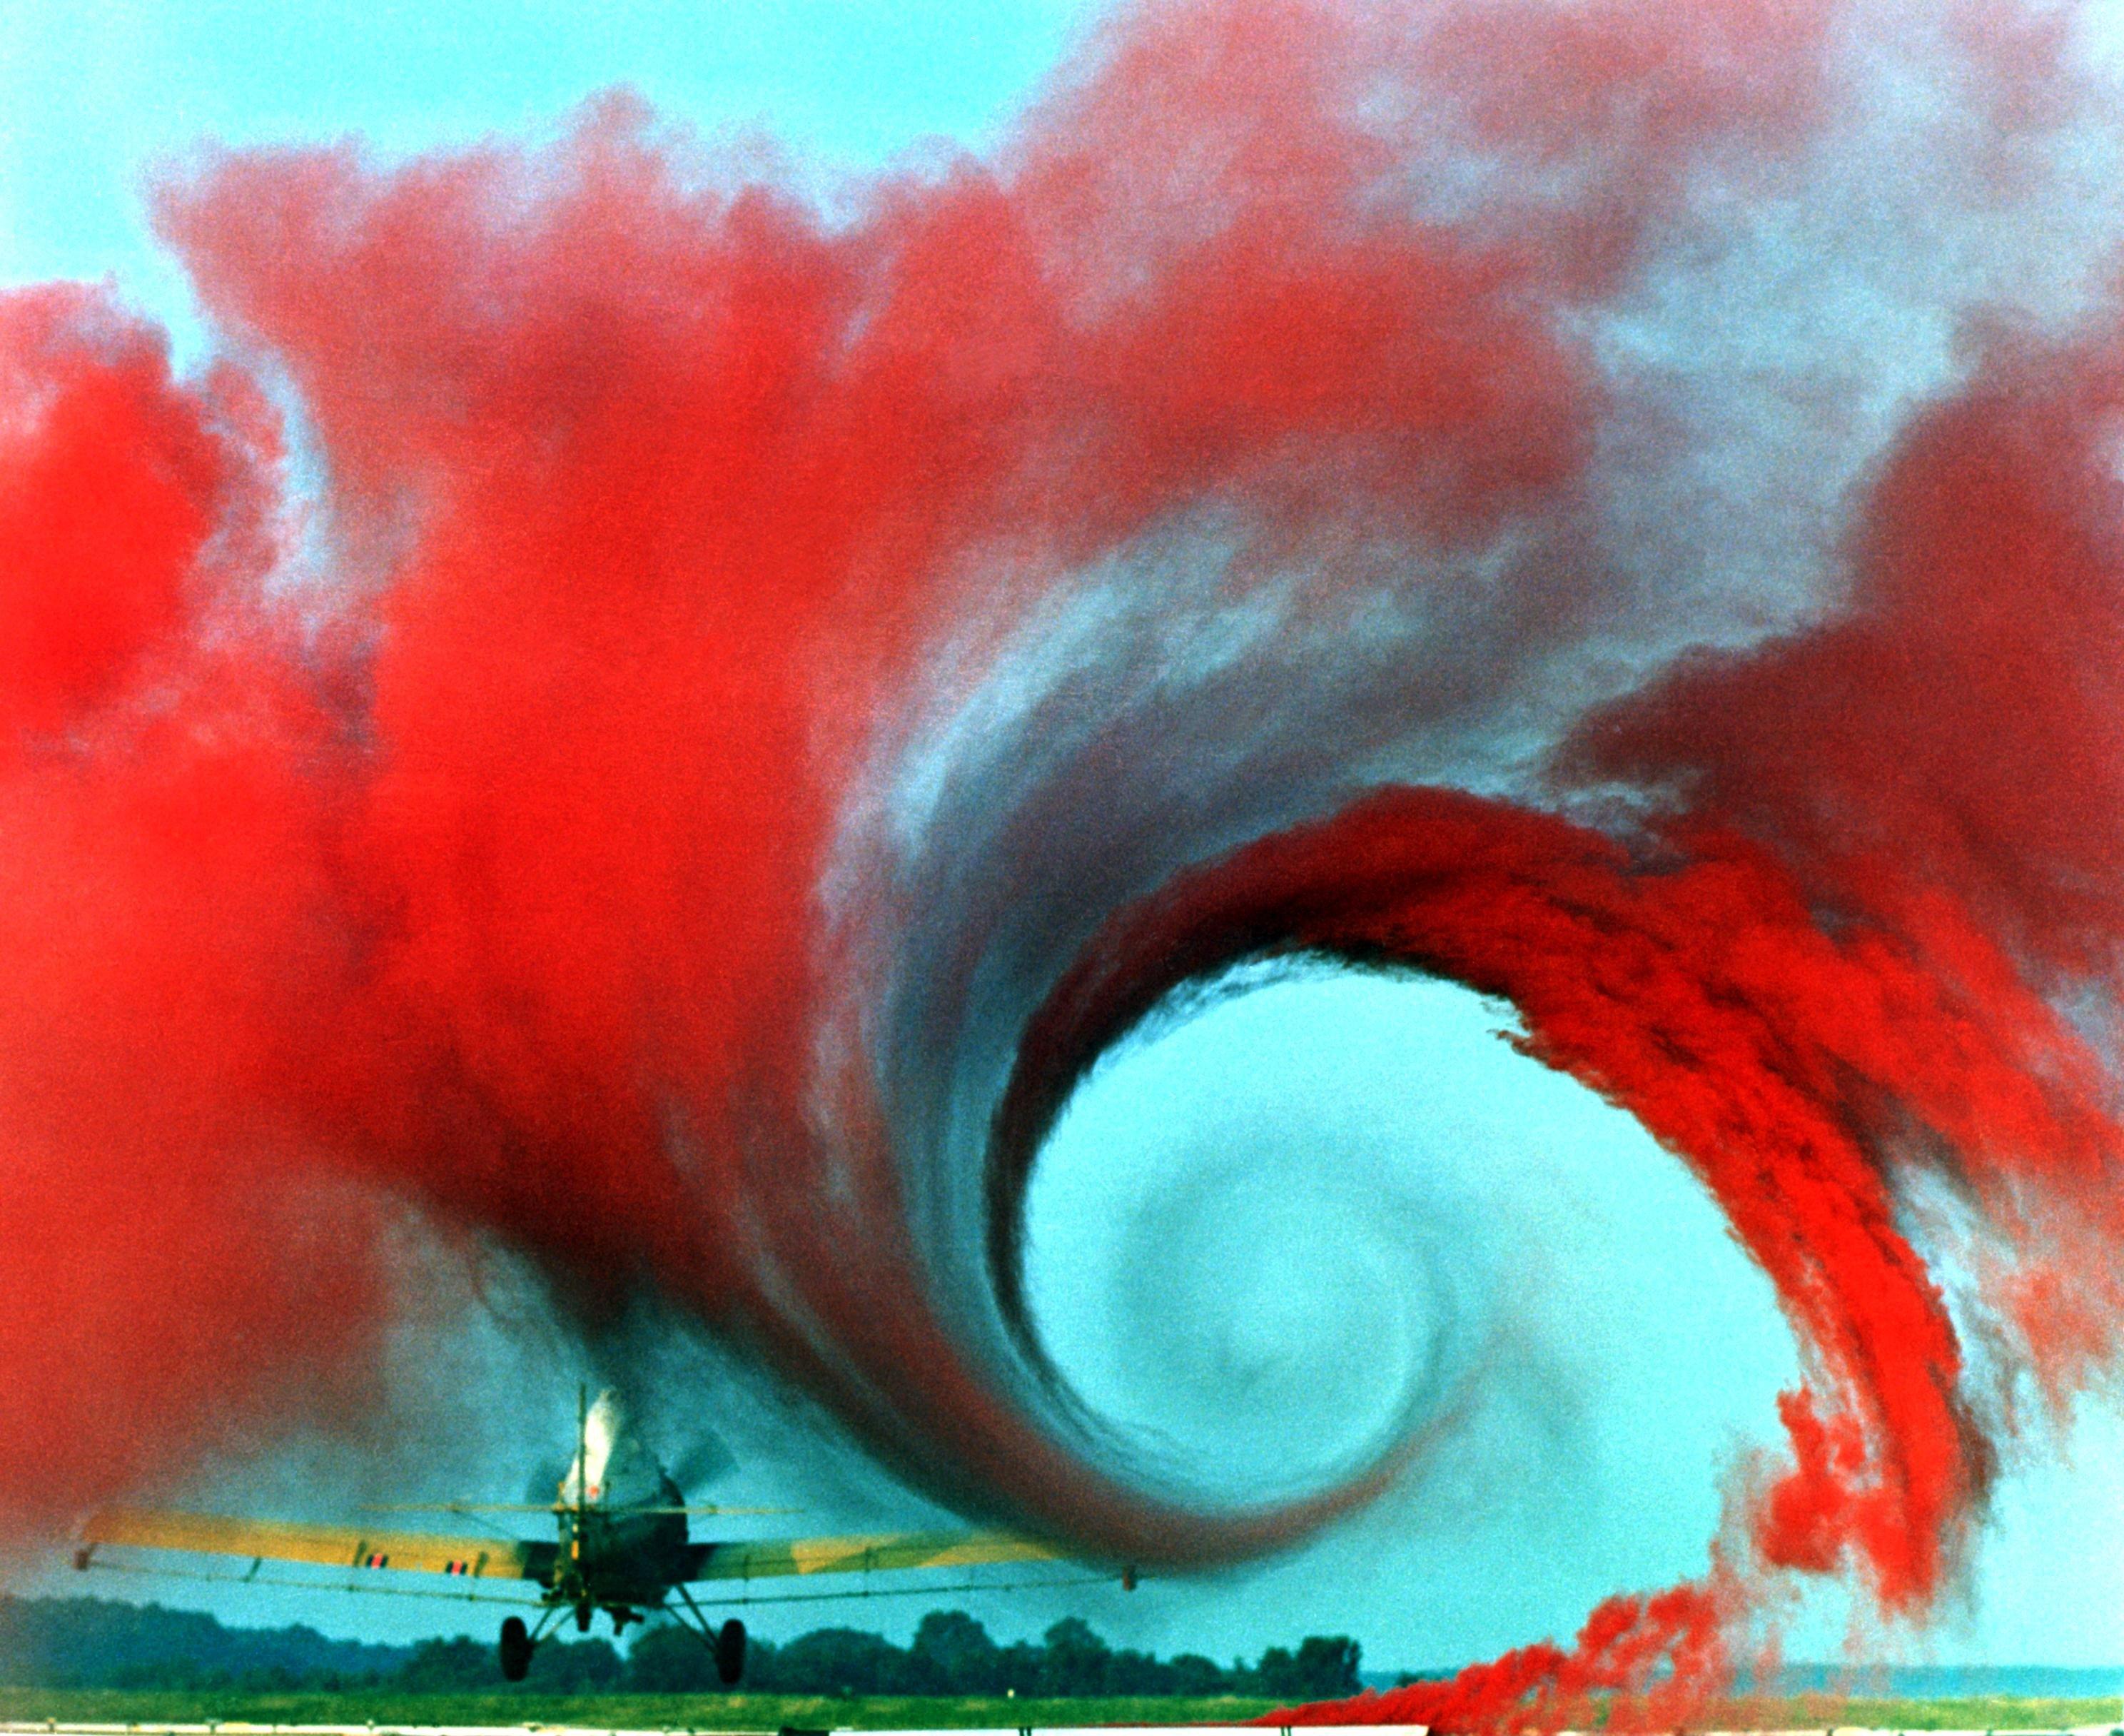 File:Airplane vortex.jpg